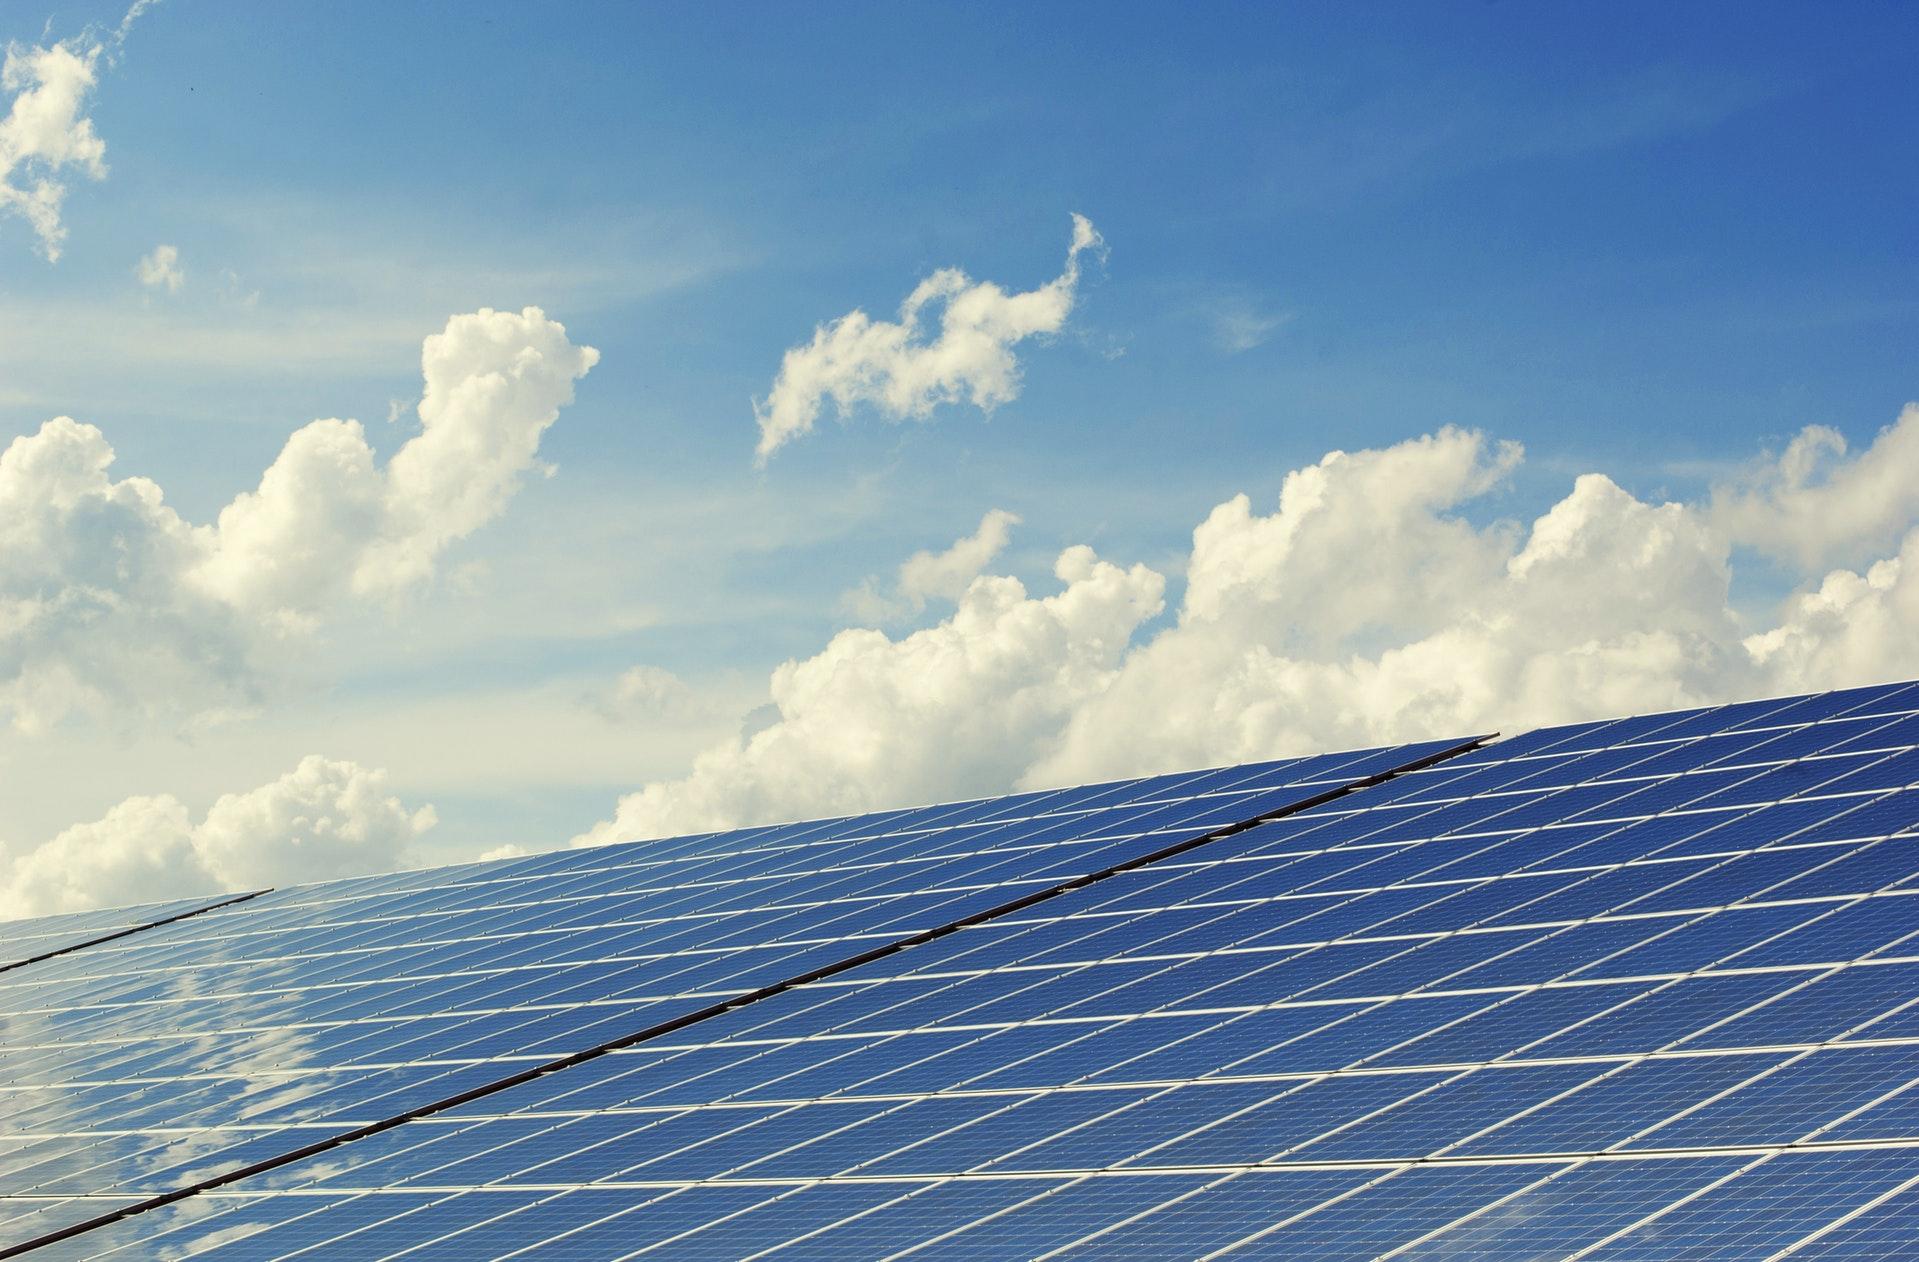 Rinnovabili al 34% in Italia: i dati della crescita dell'energia verde nel mondo